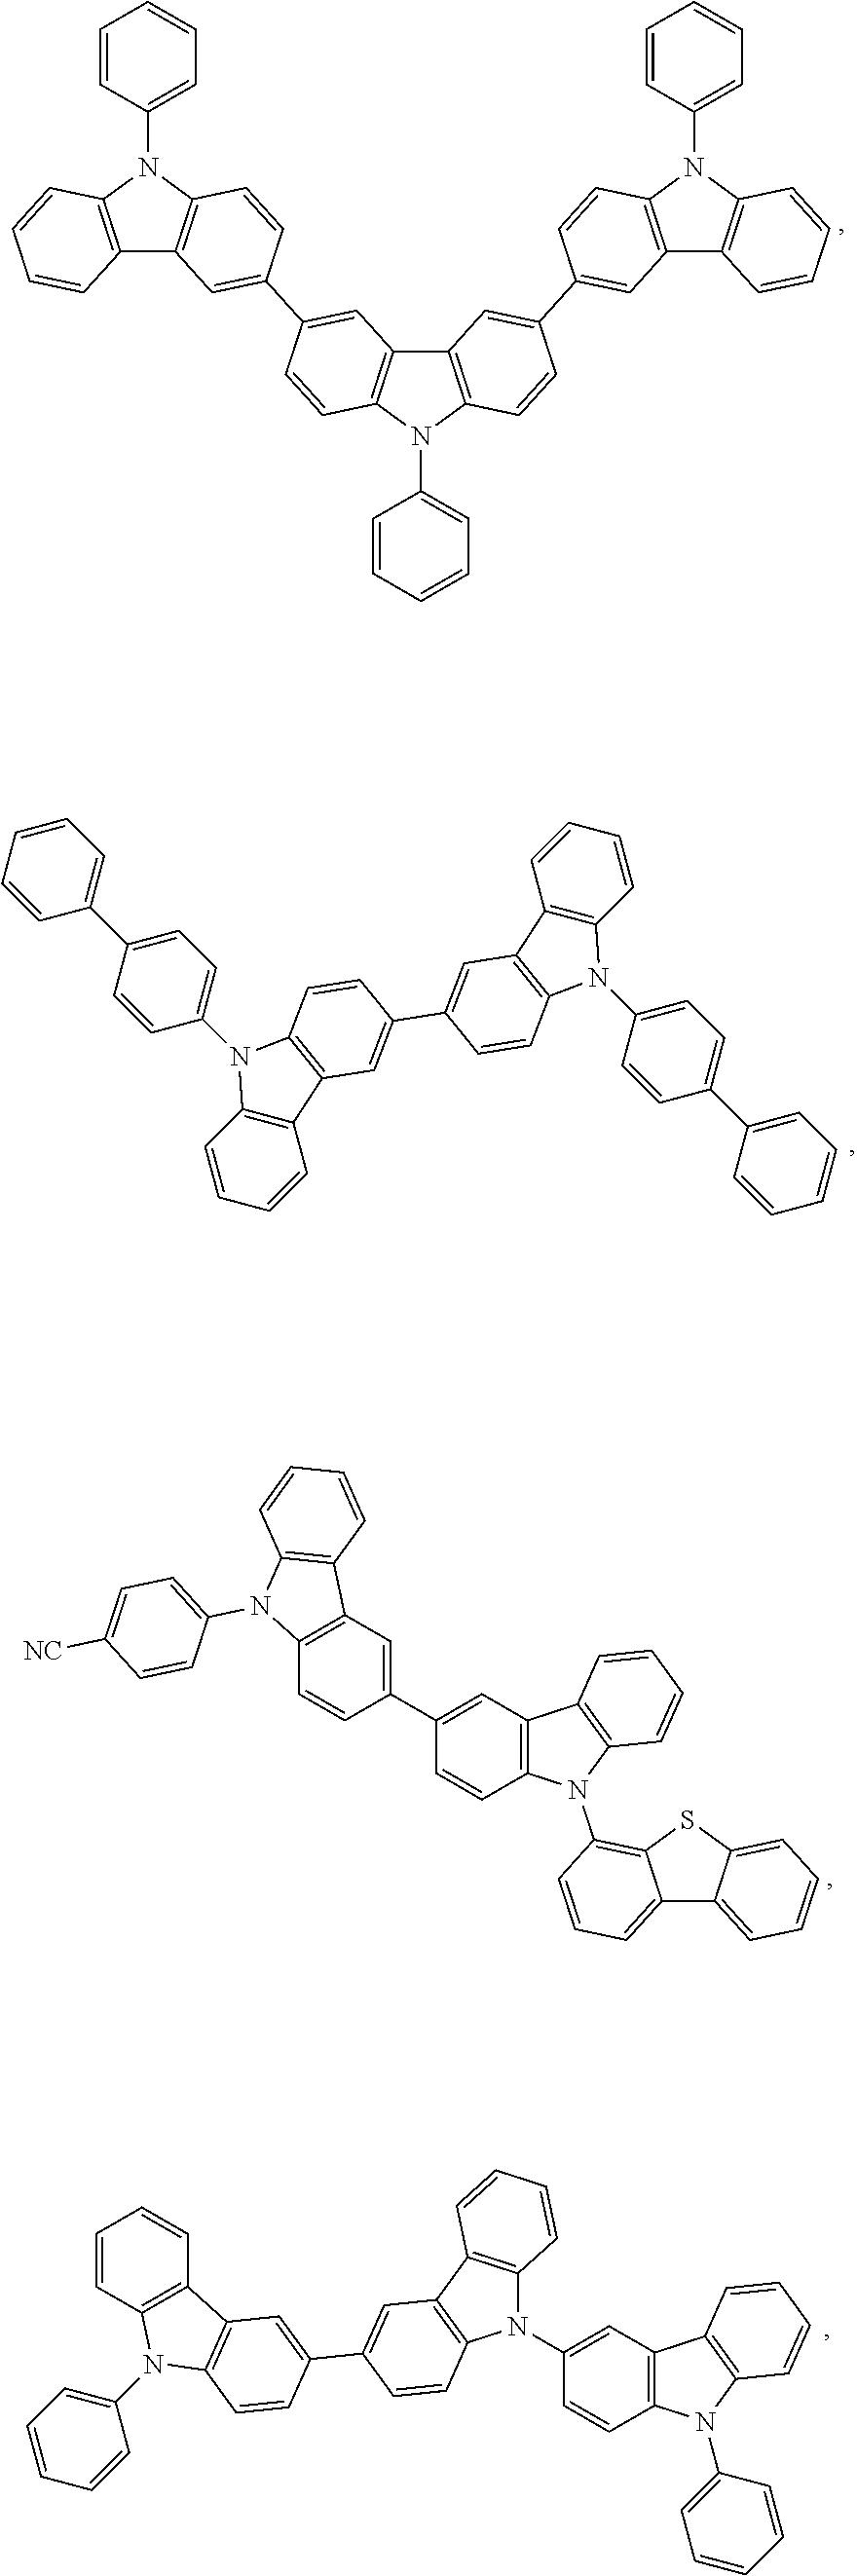 Figure US10144867-20181204-C00169